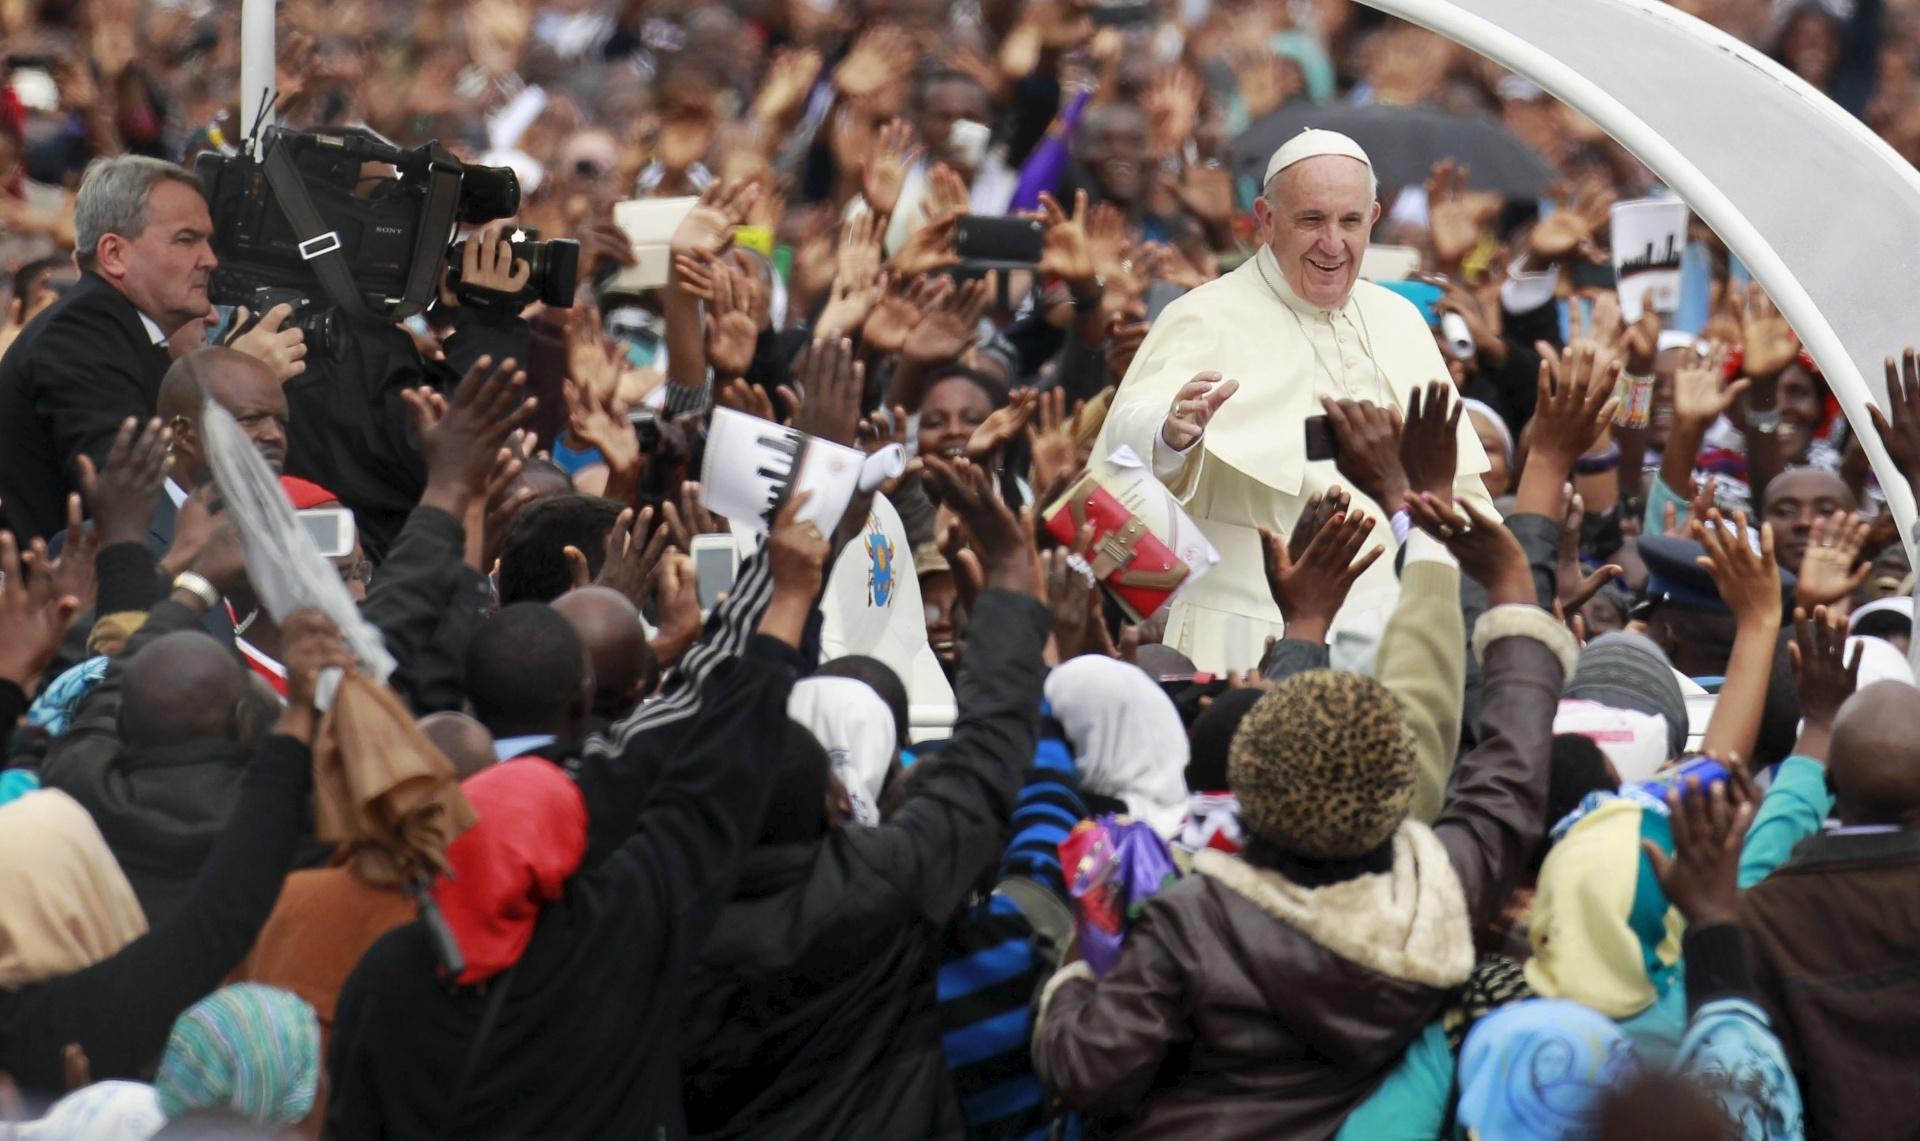 26.nov.2015 - O papa Francisco saúda fiéis ao chegar para a missa papal em Nairóbi, capital do Quênia. Francisco está em viagem pela África, onde durante seis dias visitará Quênia, Uganda e a República Centro Africana. Na missa, o pontífice condenou o uso de extremismo religioso